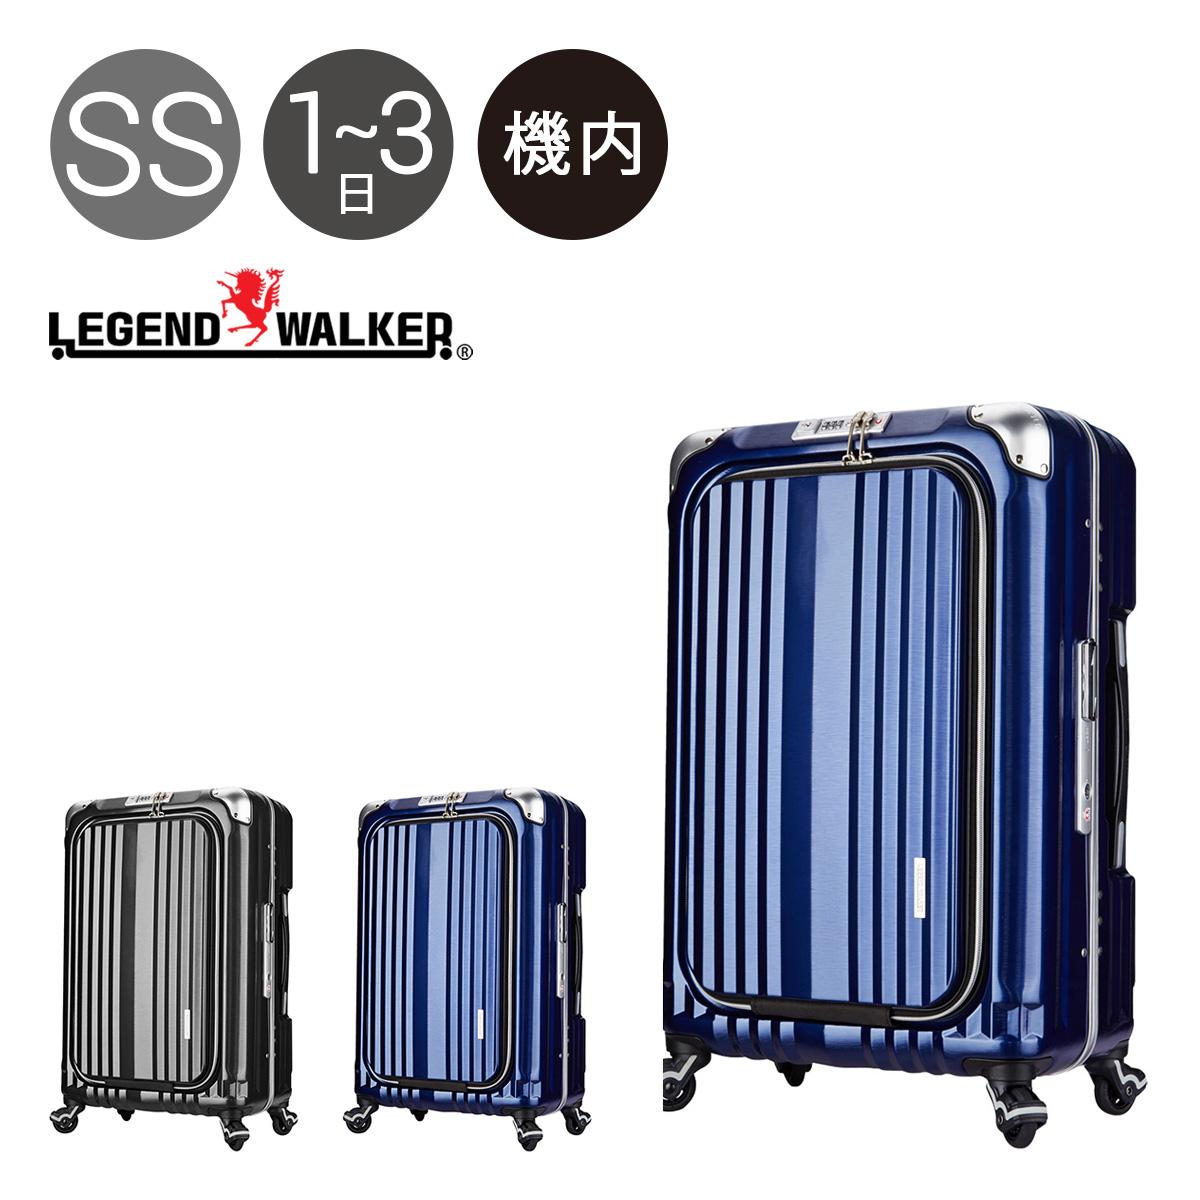 レジェンドウォーカー グラン LEGEND WALKER GRAND スーツケース 6603-50 50cm BLADE 【 キャリーケース ハードケース ビジネスキャリー フロントオープン 出張 TSAロック搭載 機内持ち込み可 3年保証 】【PO10】【bef】